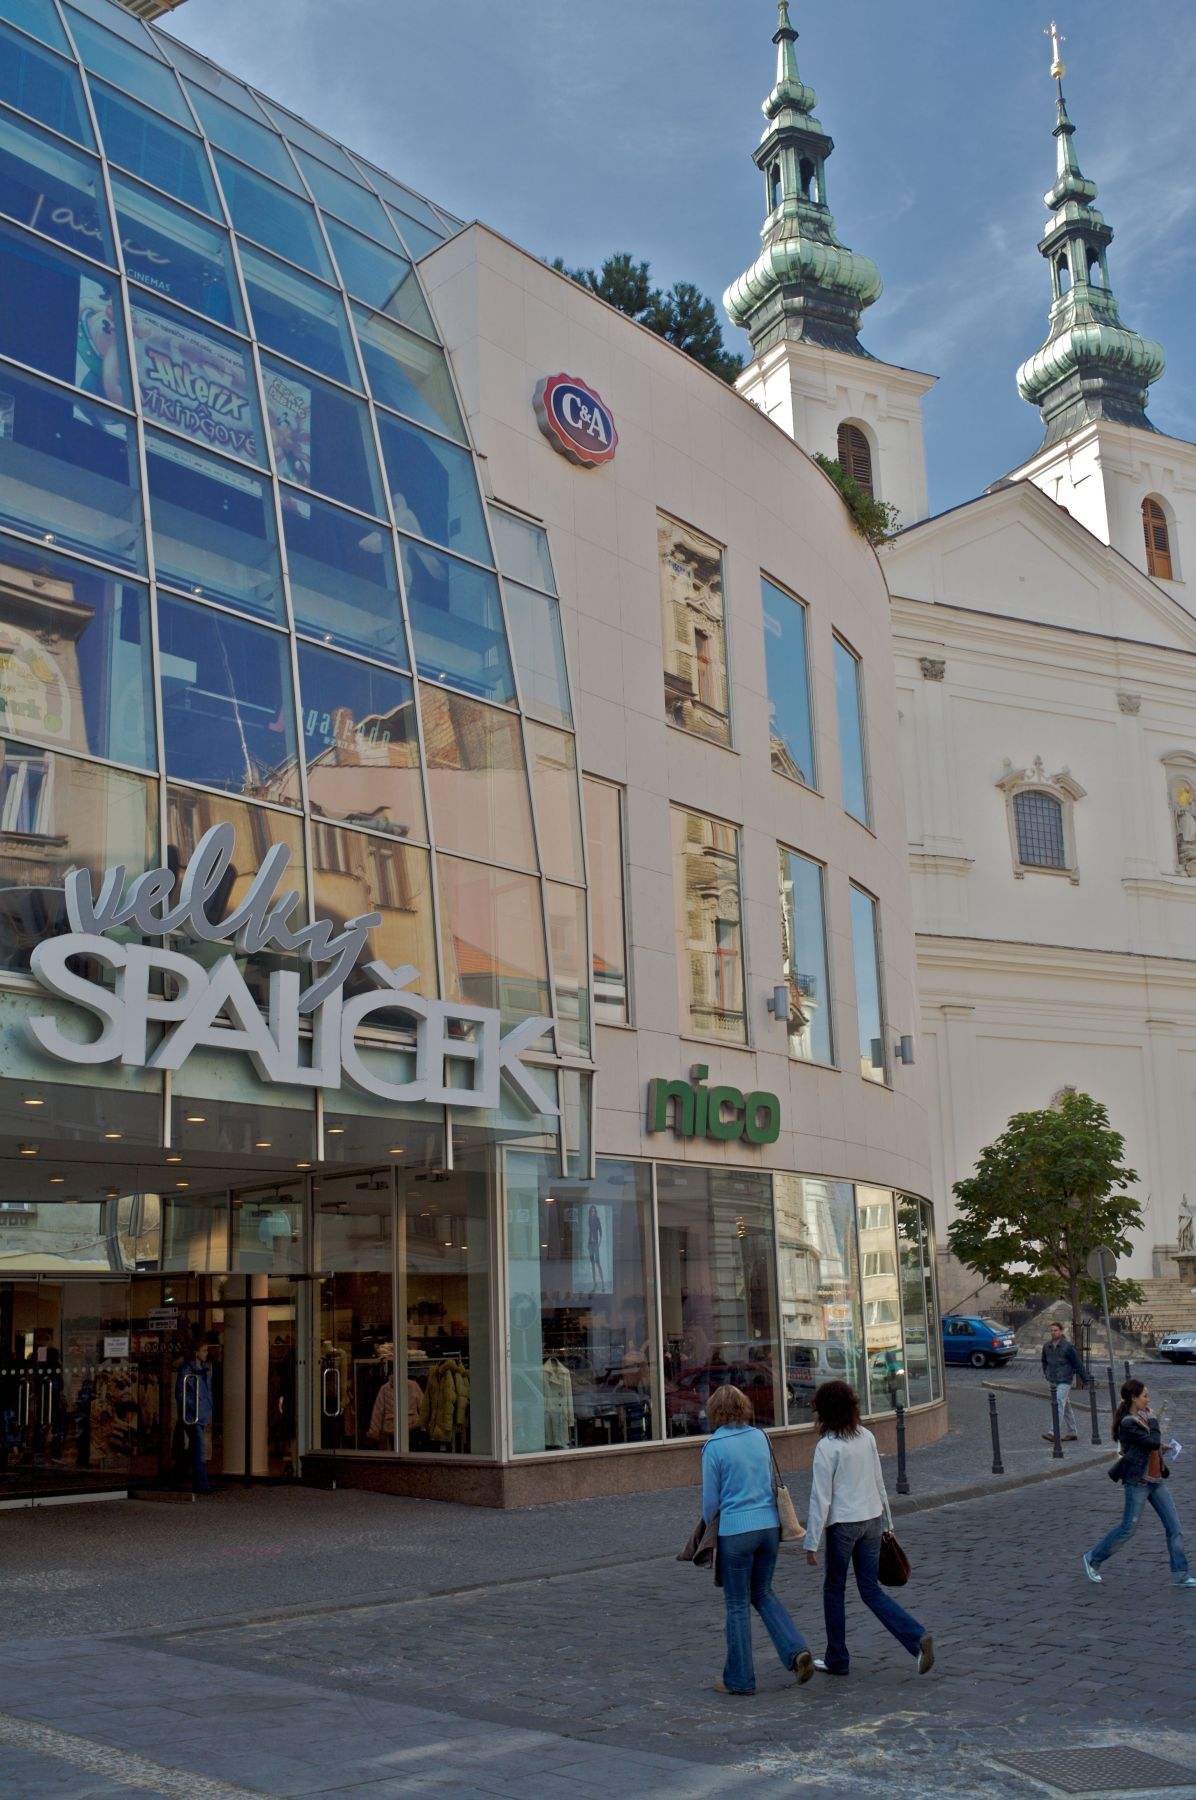 Velký Špalíček in Brno